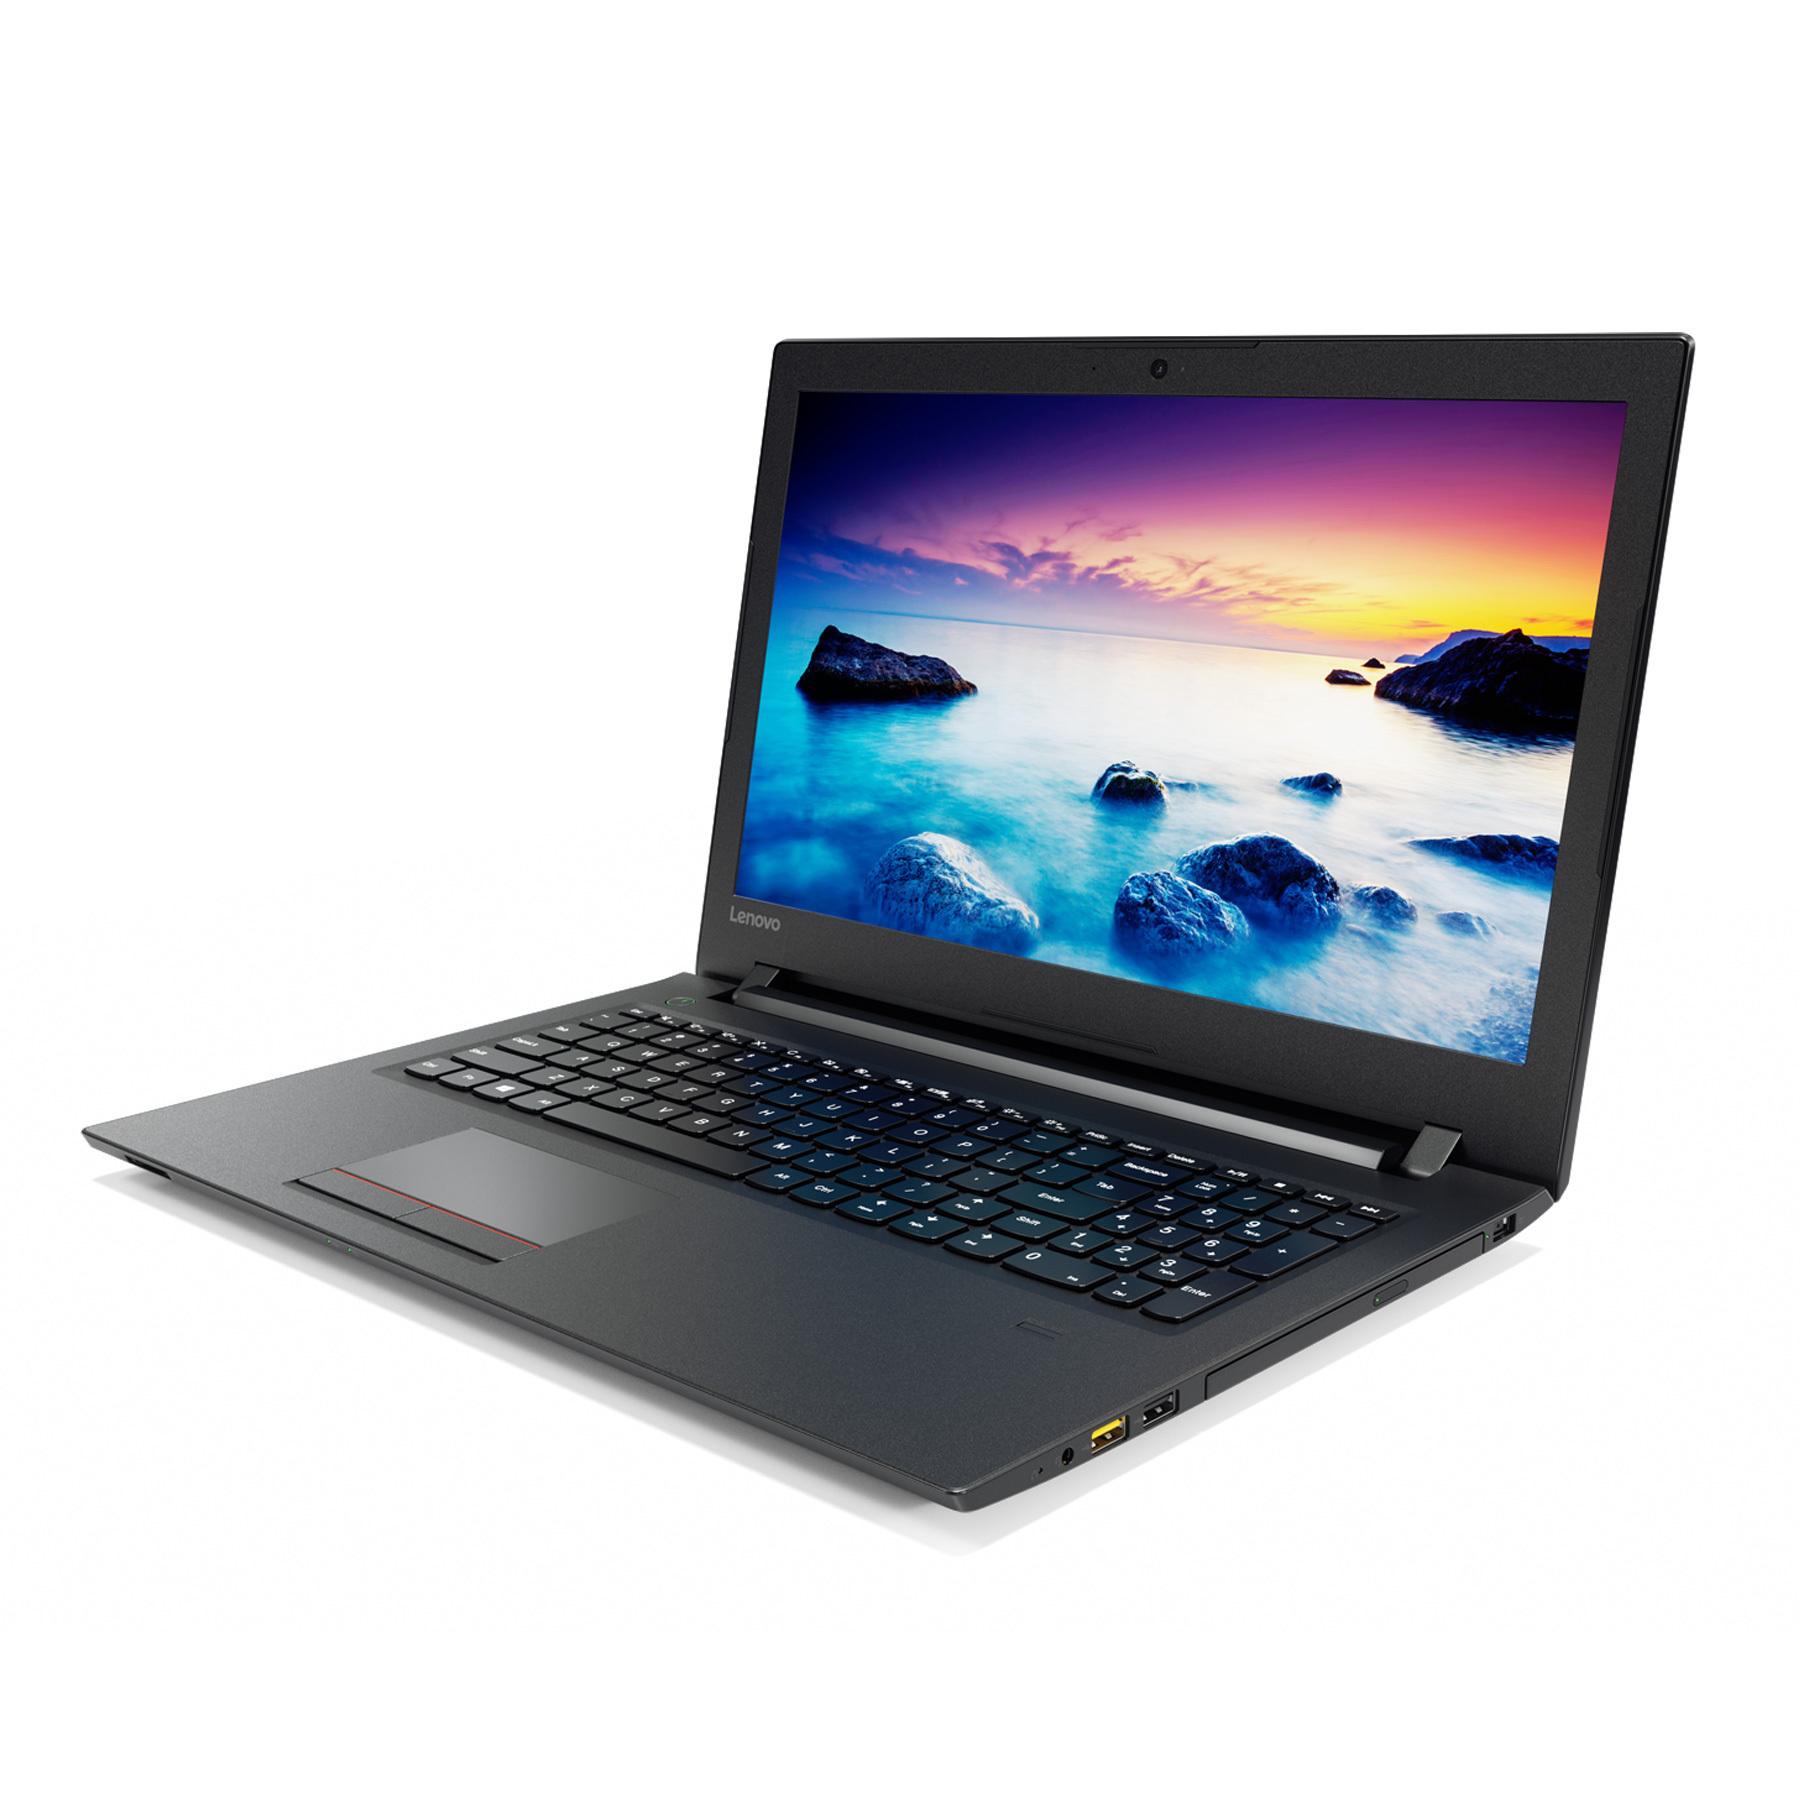 """[NBB] Lenovo V510-15IKB 80WQ01VVGE 15,6"""" Full HD, Core i5-7200U, 8GB RAM, 256GB SSD, Radeon 530, Win 10"""